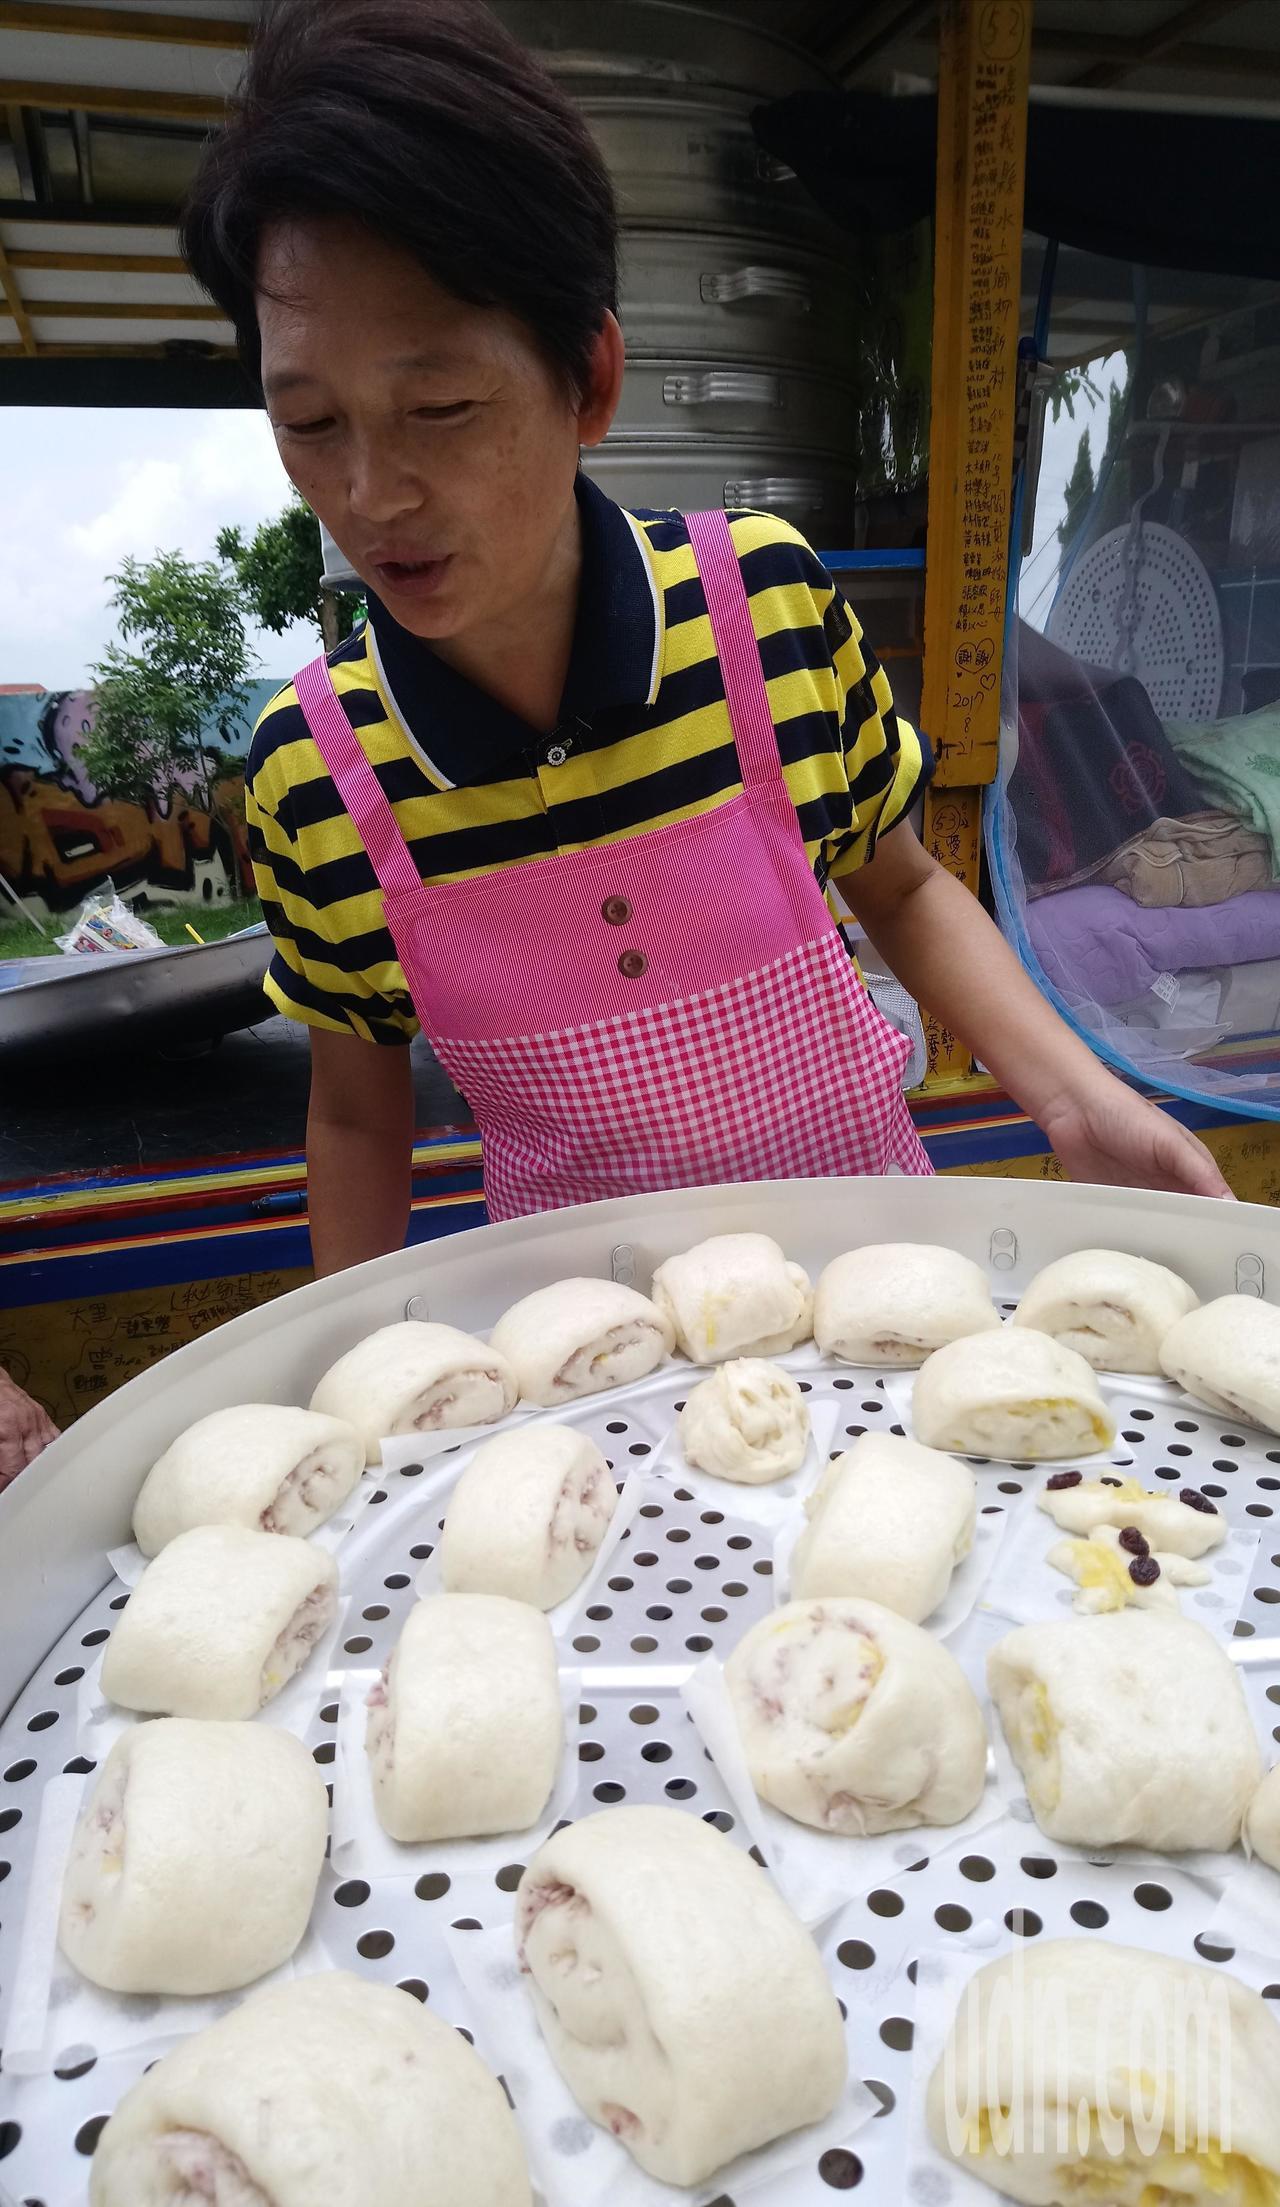 靳寶儀說,要將愛的饅頭分享到全台灣。 記者卜敏正/攝影